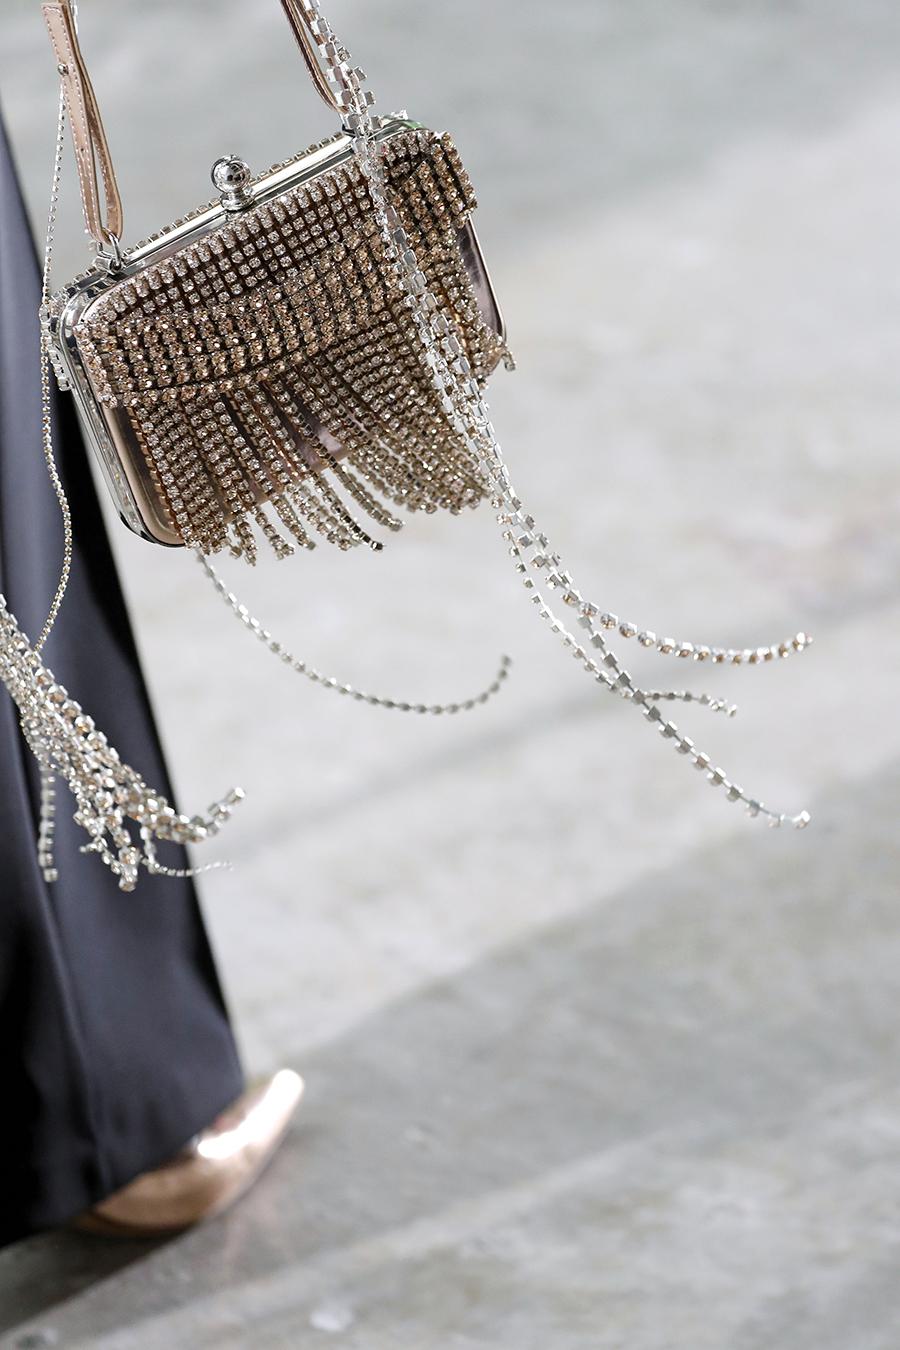 модная сумка минодьер осень зима 2020 2021 золотая прямоугольная стразы